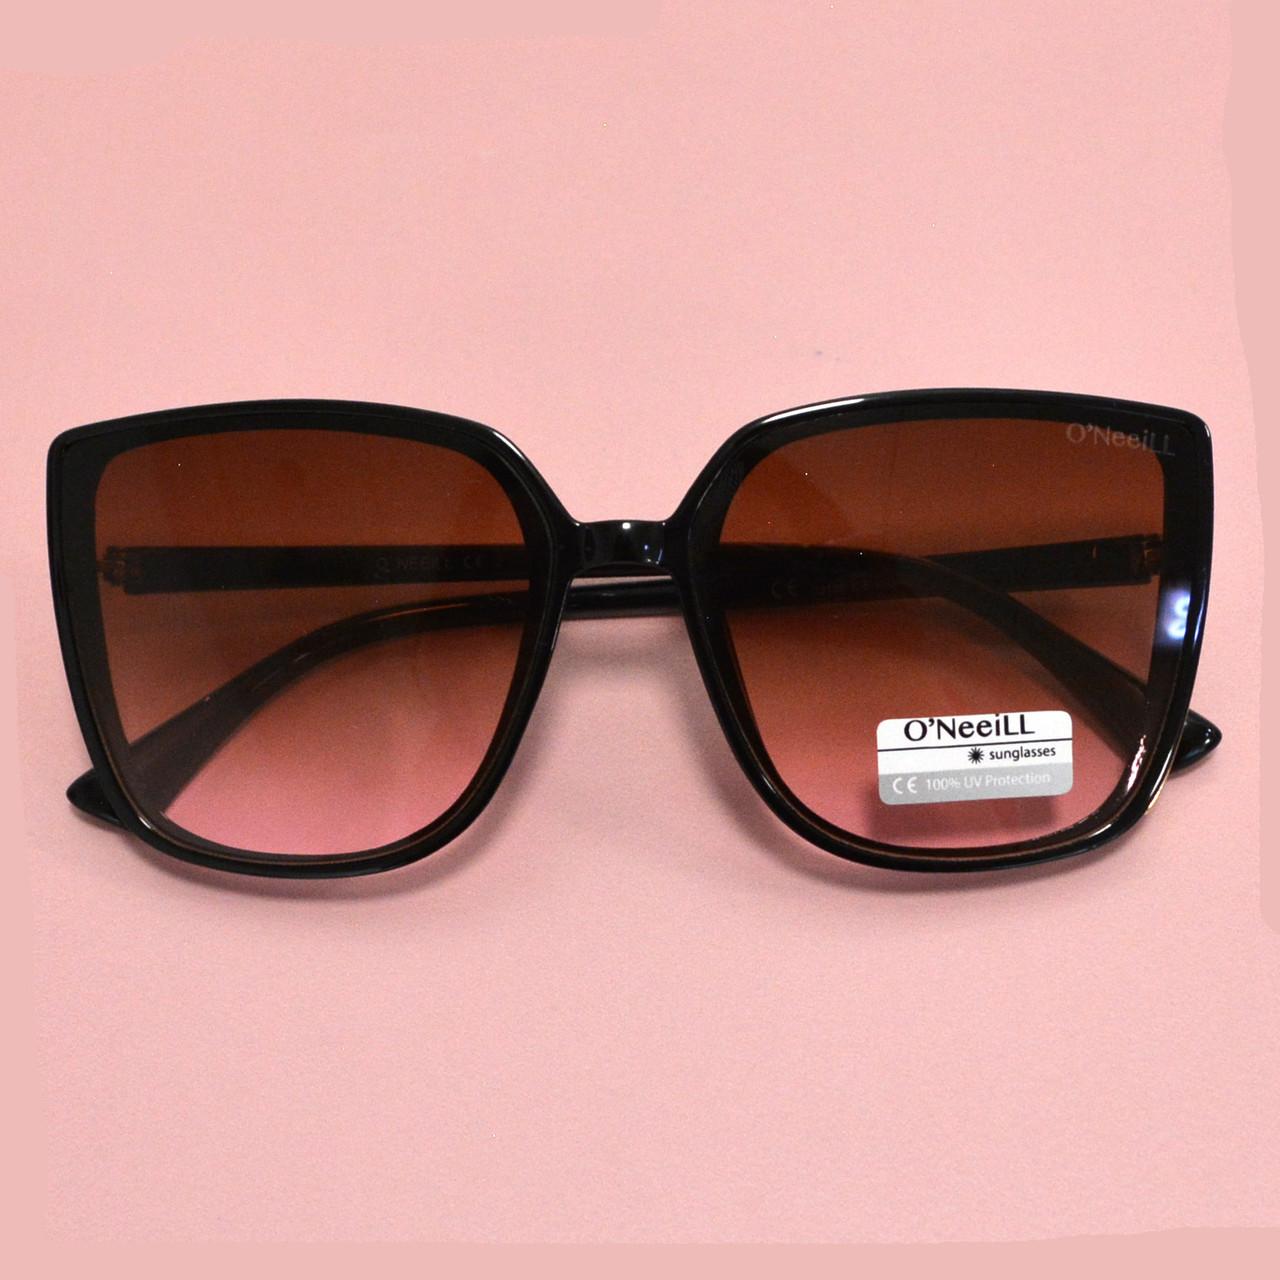 Солнцезащитные очки с коричневыми стеклами UV 400 O'NeeiLL D9105 черные - фото 8